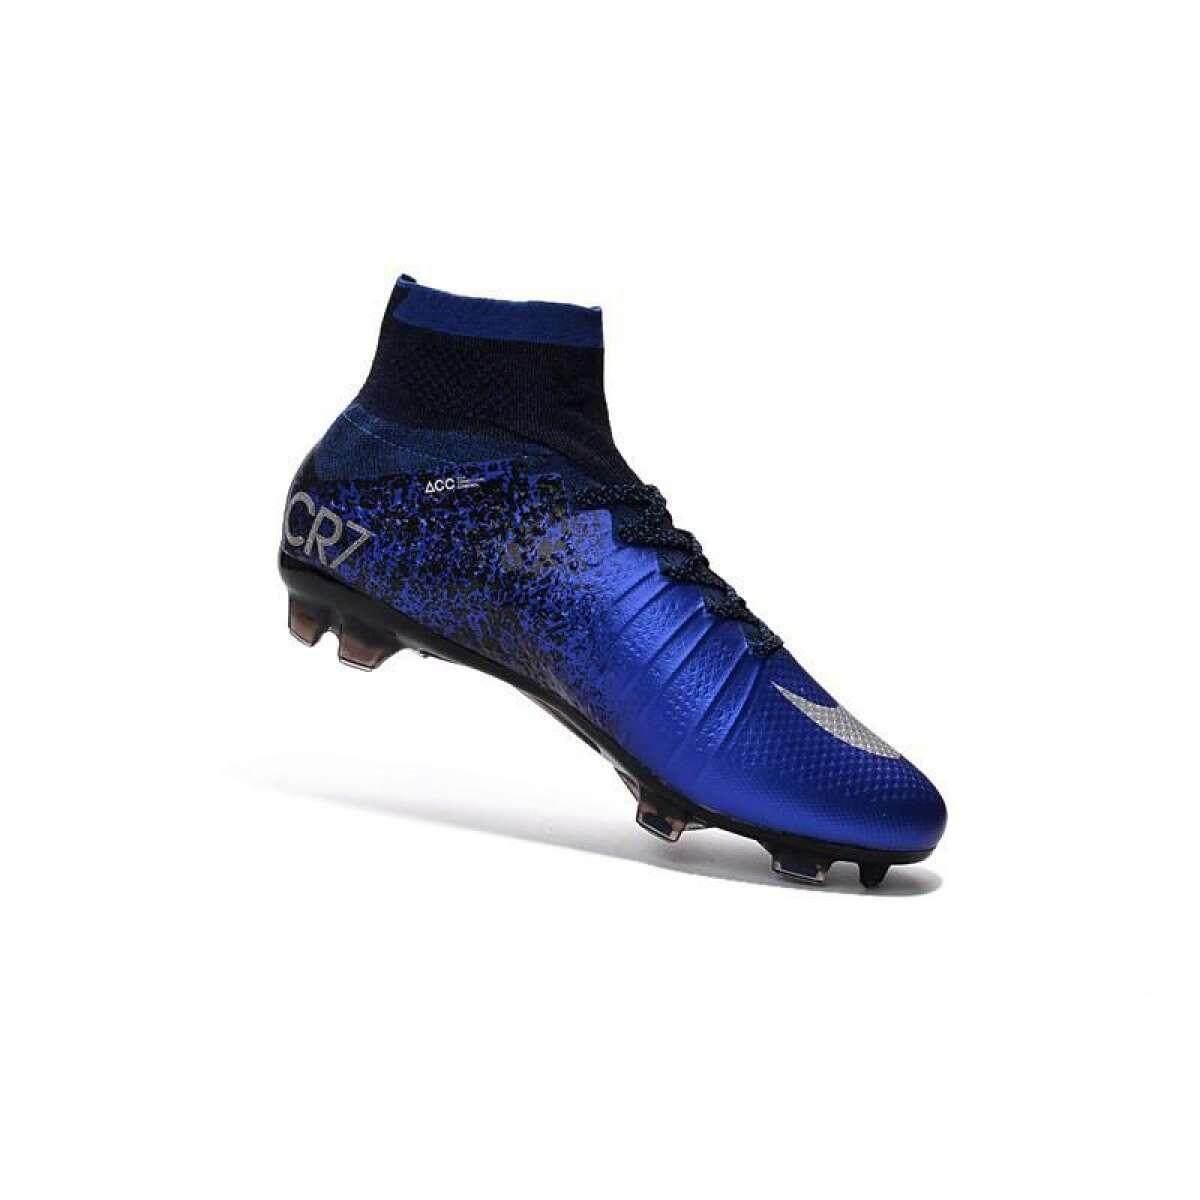 ยี่ห้อนี้ดีไหม  ประจวบคีรีขันธ์ Nike Mercurial SUPERFLY CR7_Ronaldo สีน้ำเงิน